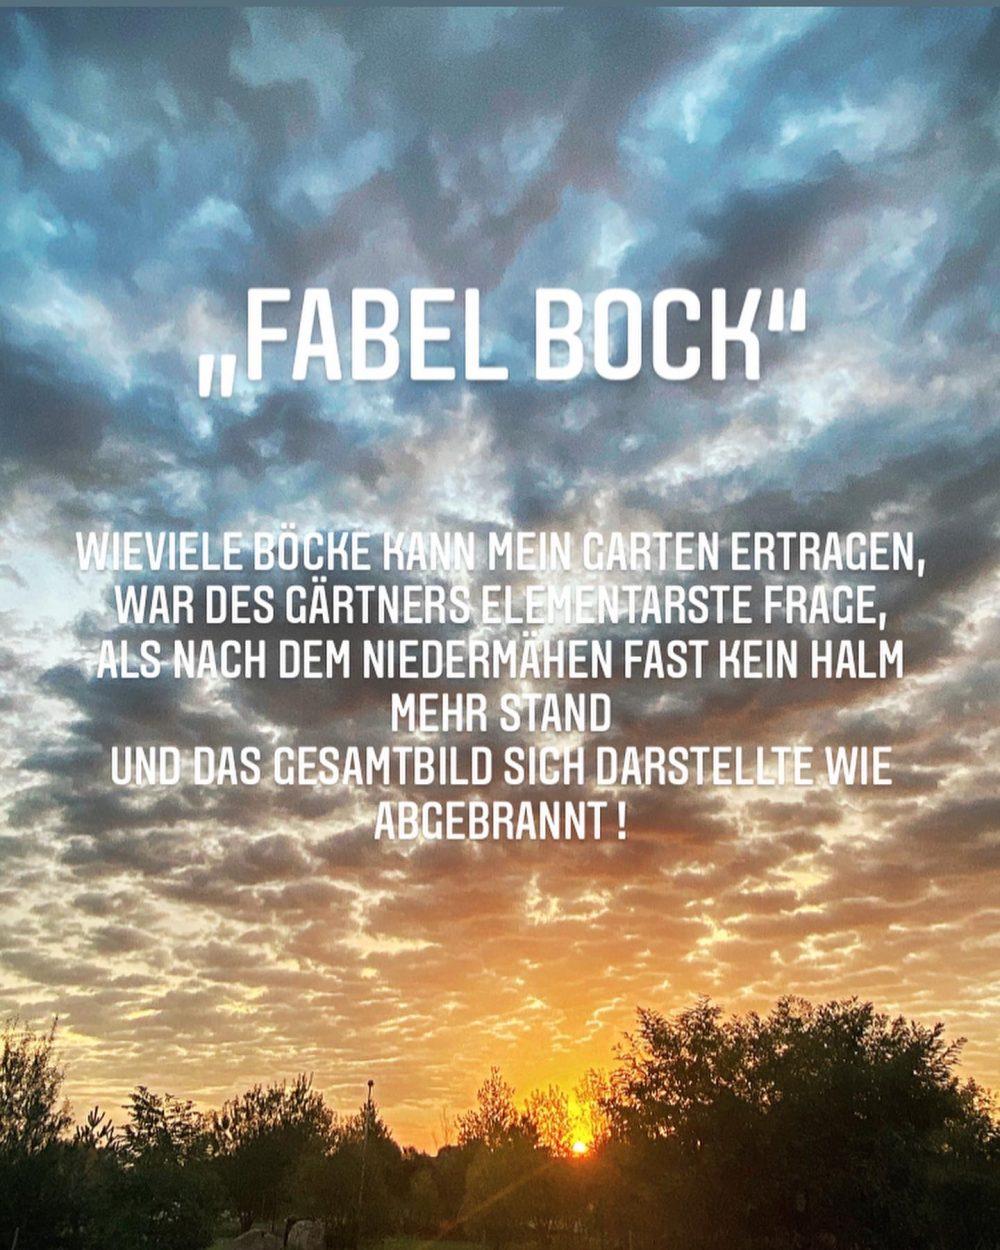 Fabel Bock